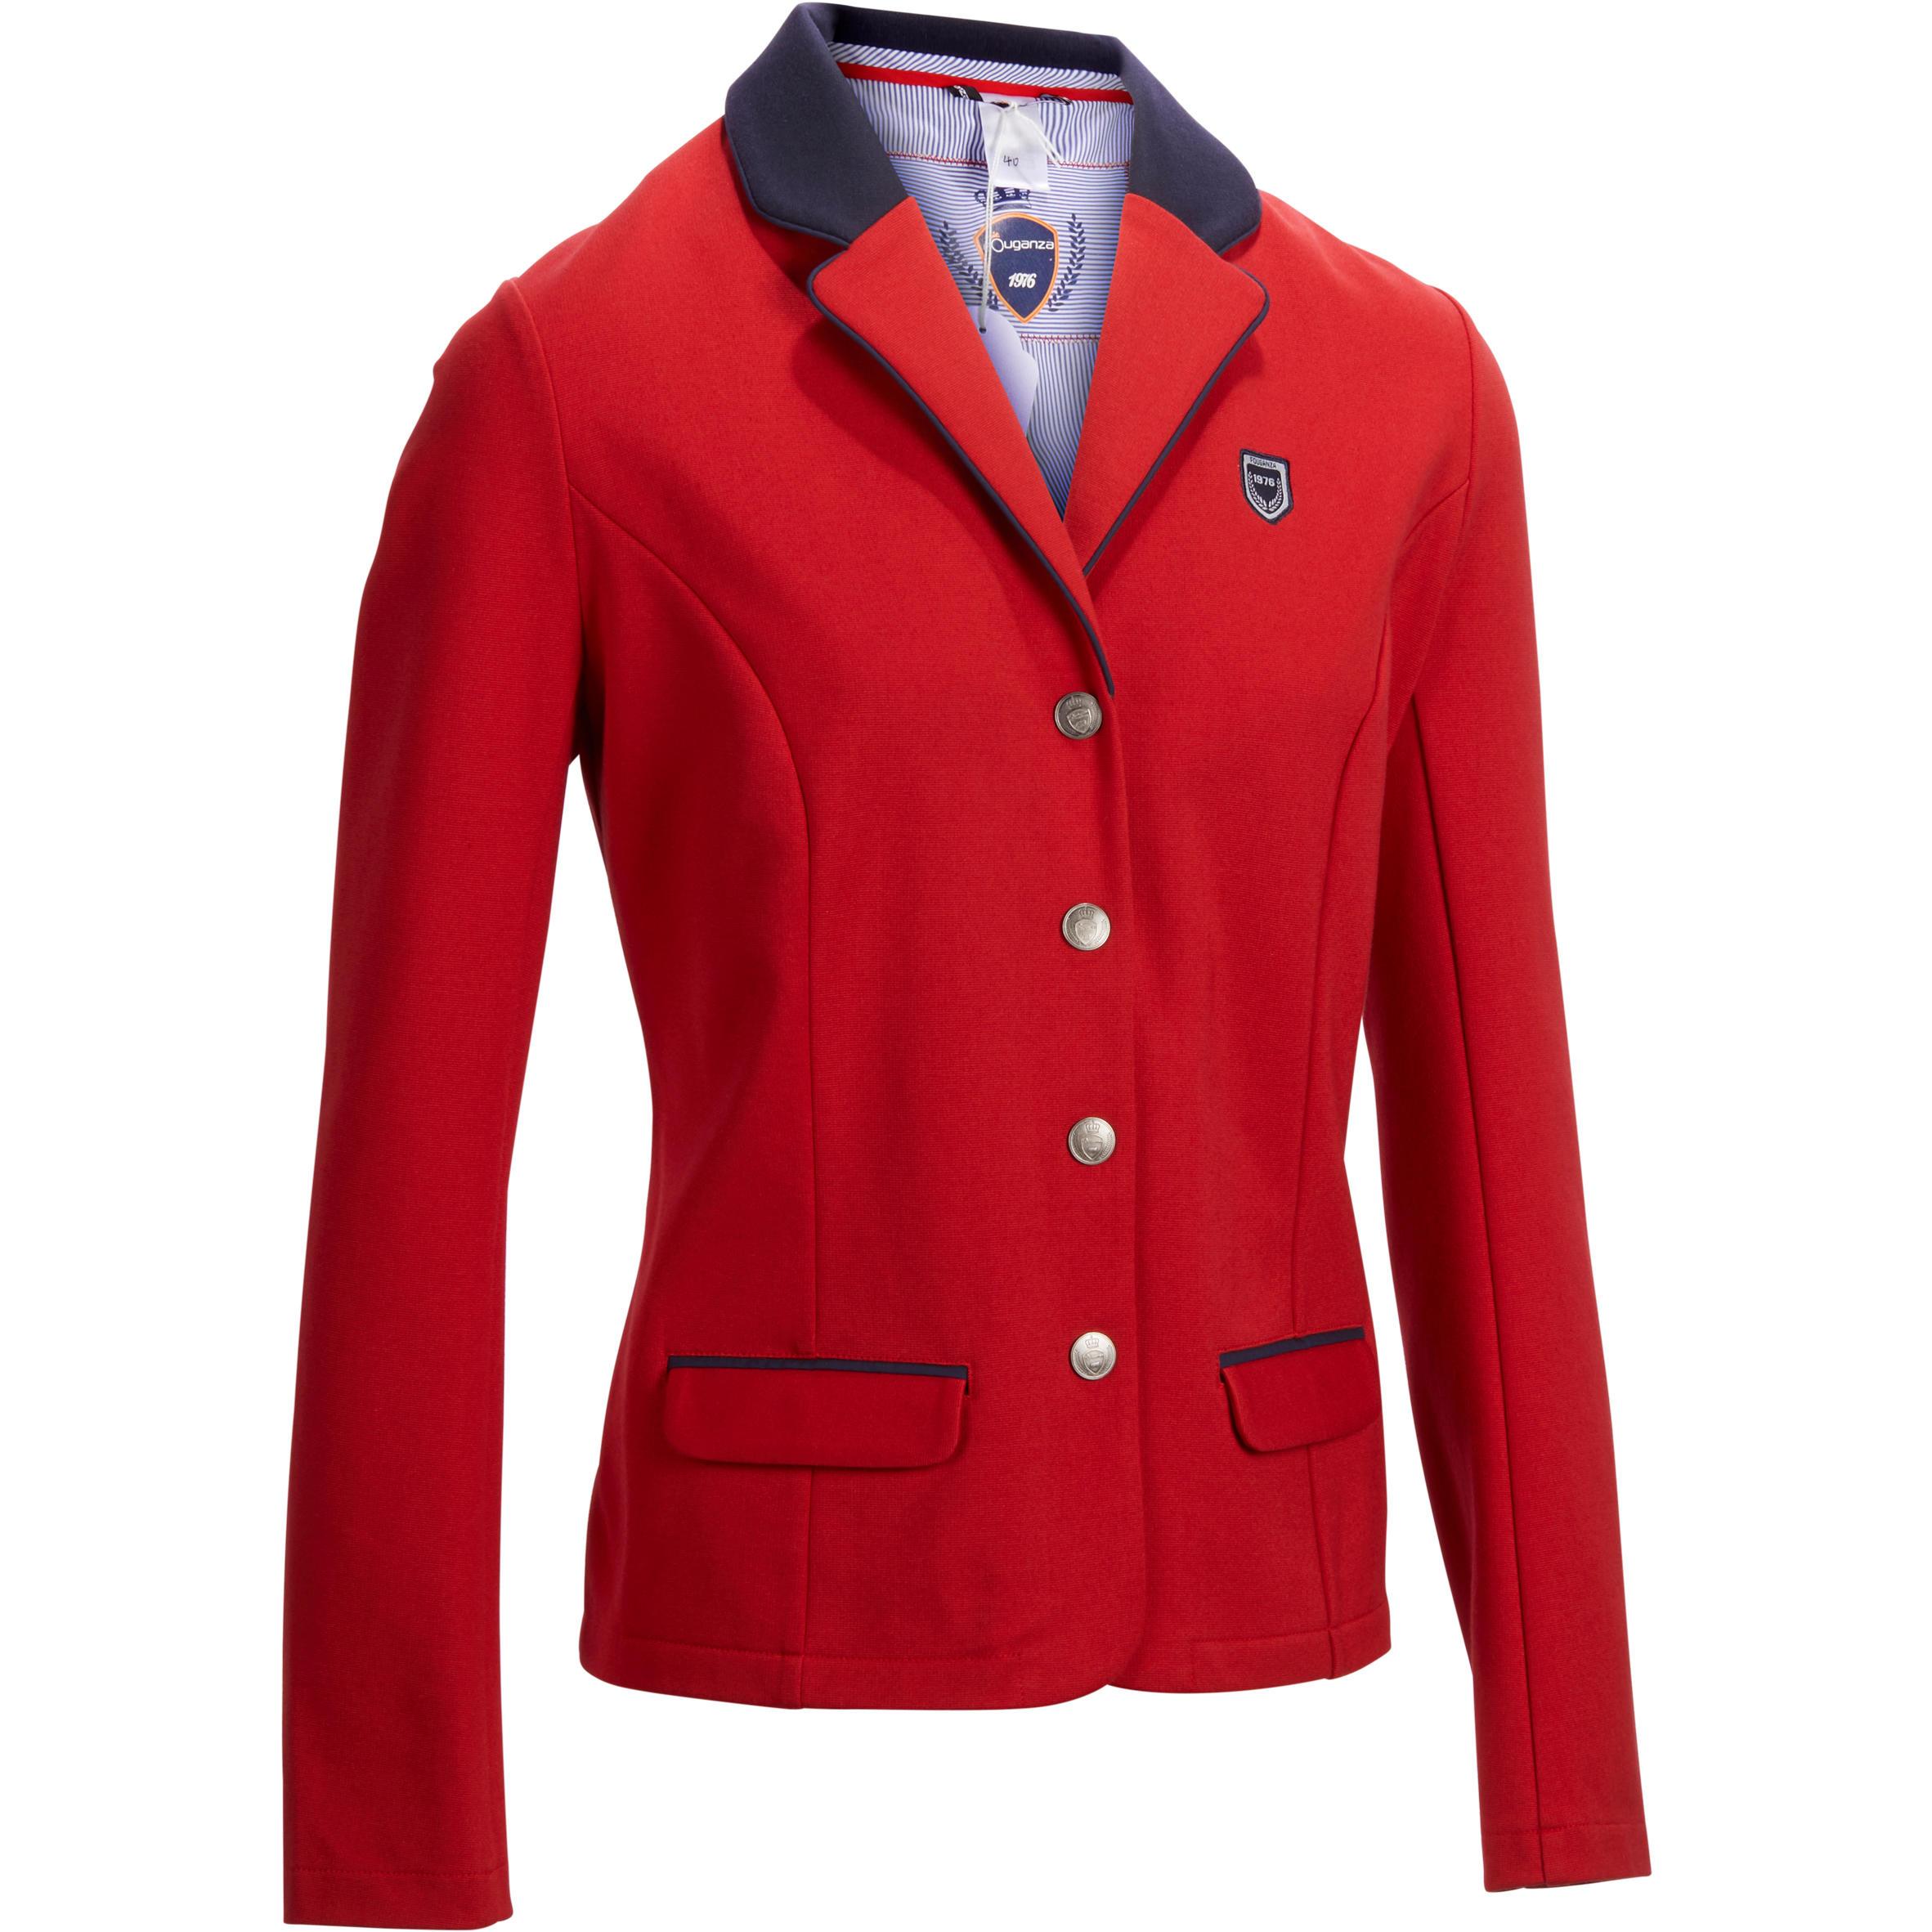 Fouganza Wedstrijdjasje Comp100 voor dames ruitersport rood